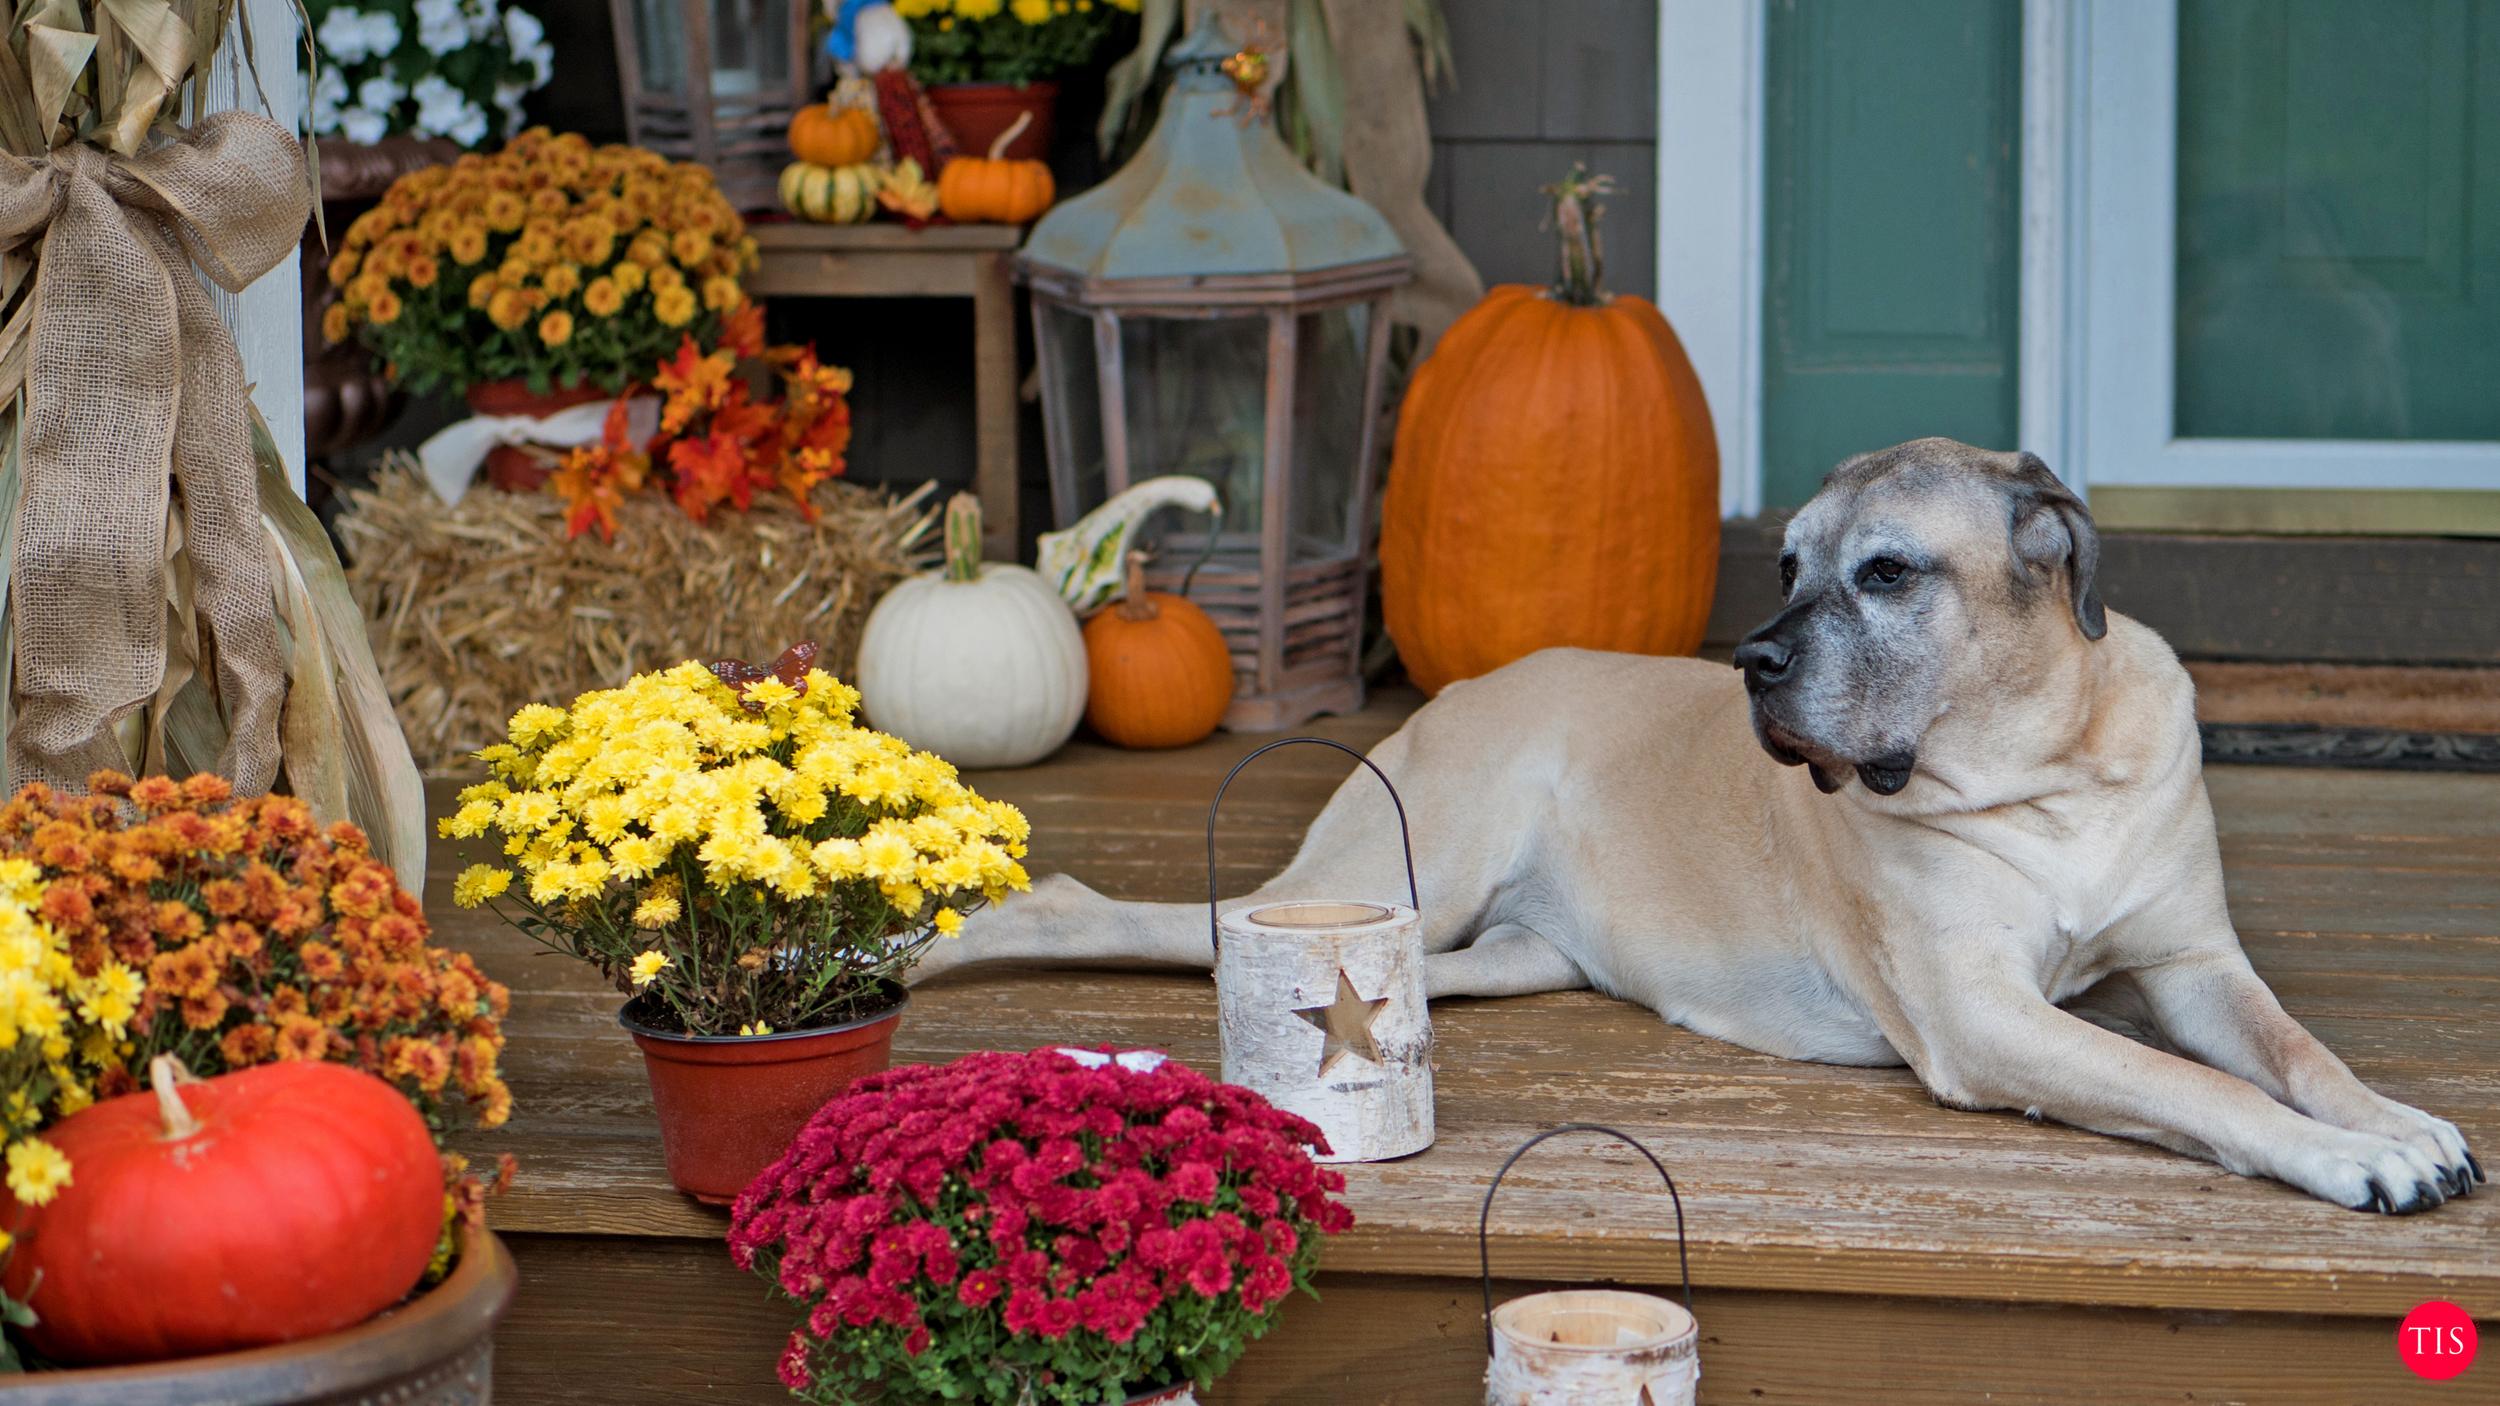 English Mastiff Enjoying The Front Porch Decor